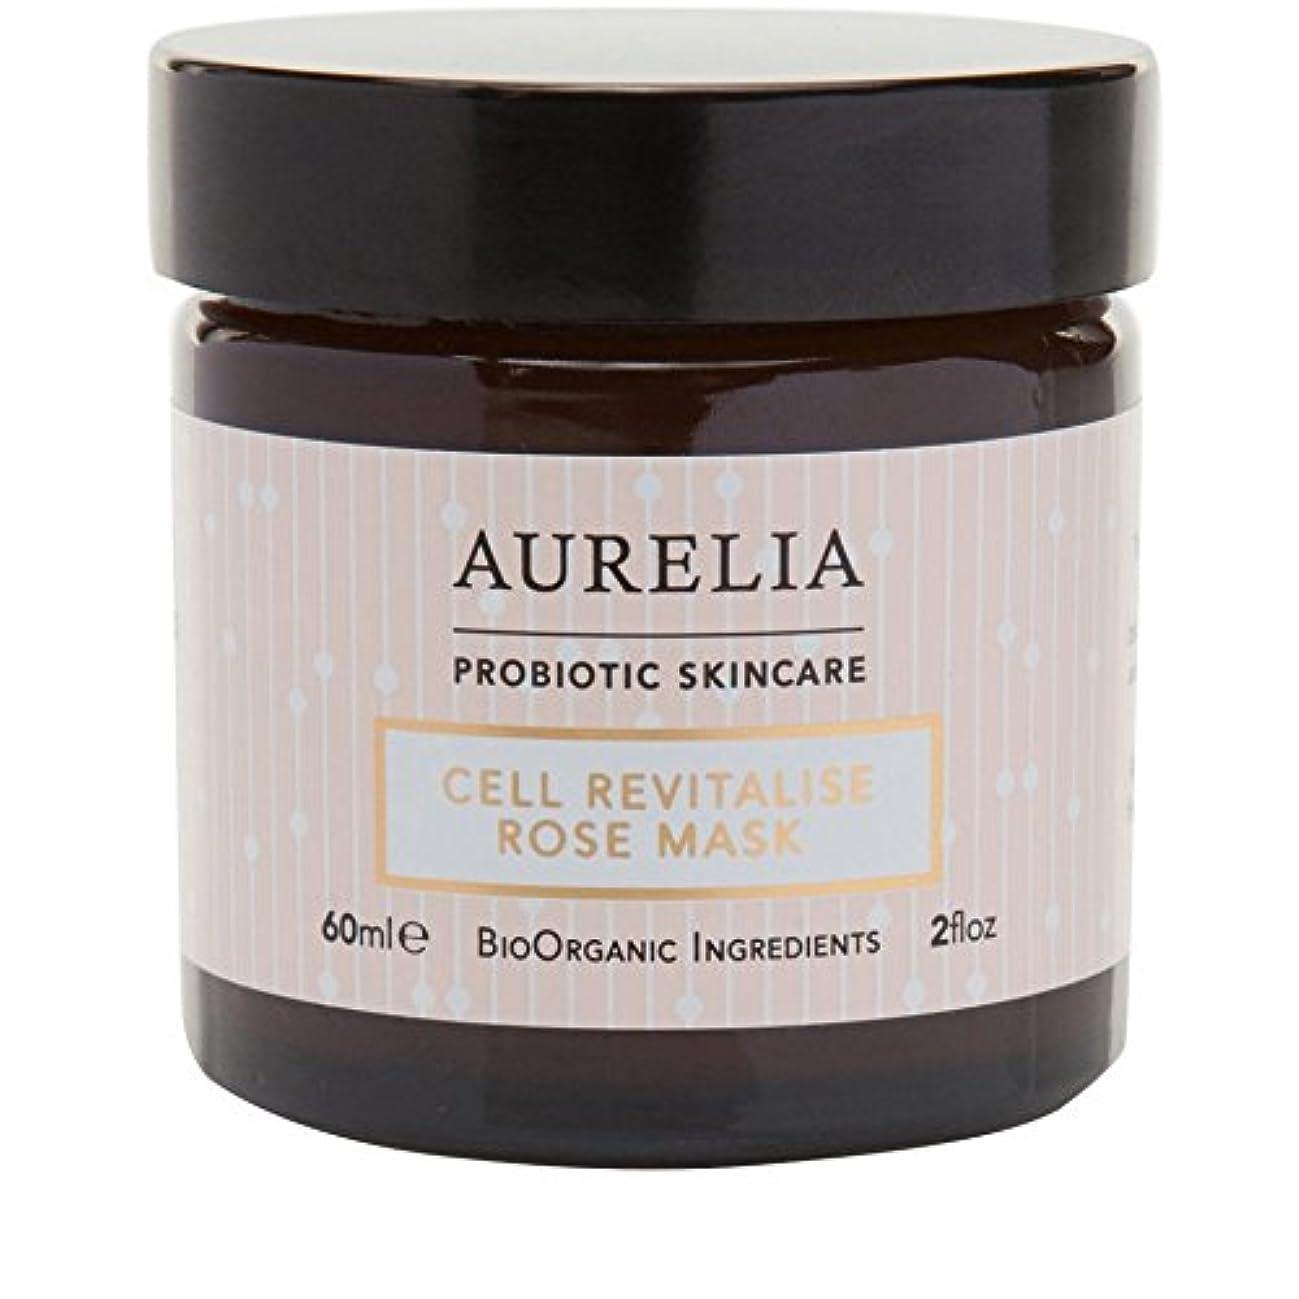 簡単なブースト肘掛け椅子[Aurelia Probiotic Skincare] アウレリアプロバイオティクススキンケア細胞の活力アップは、マスク60ミリリットルをバラ - Aurelia Probiotic Skincare Cell Revitalise Rose Mask 60ml [並行輸入品]